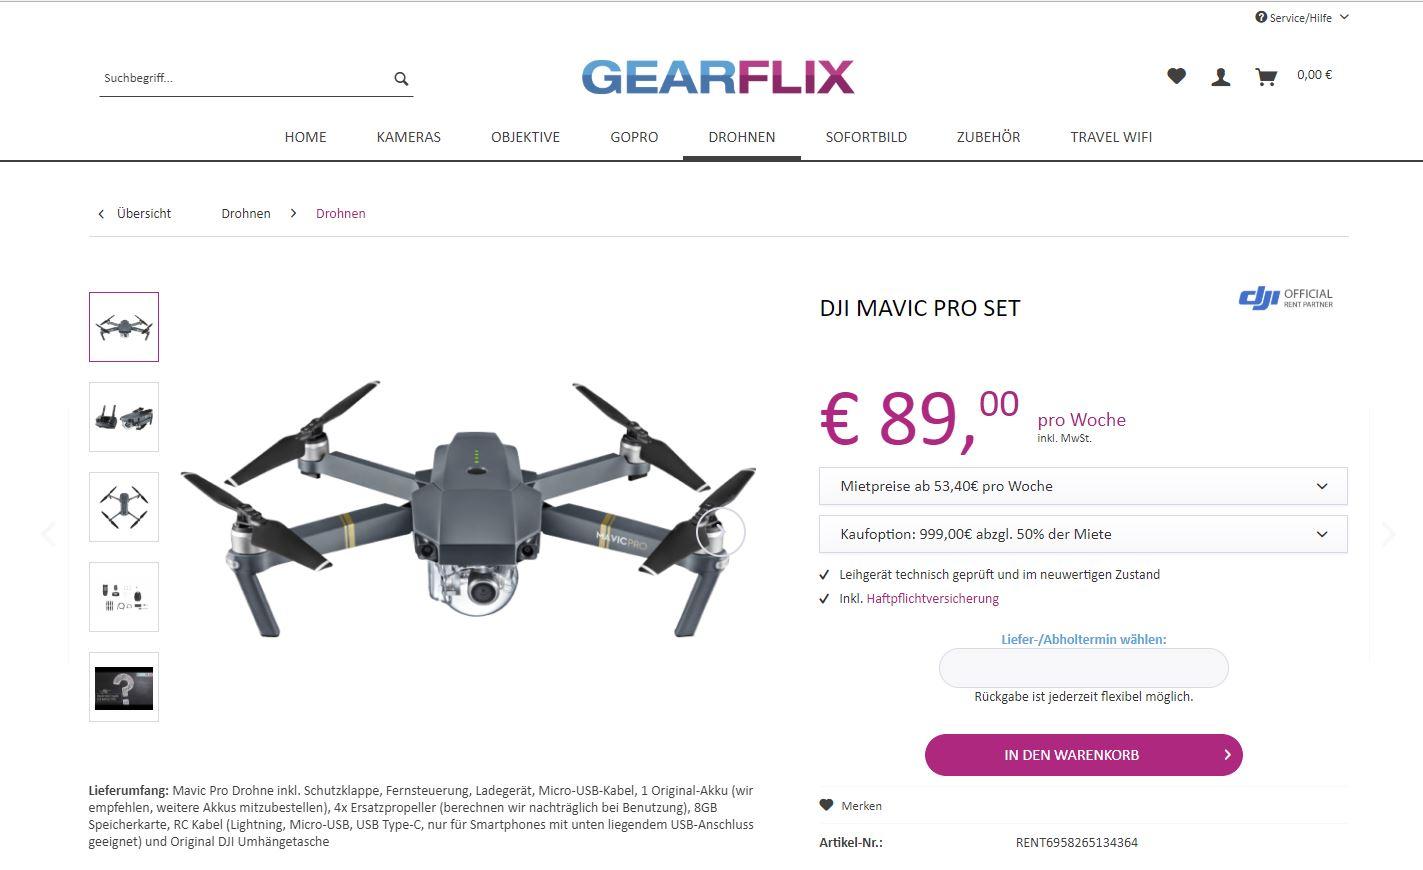 Beim Shopware-Shop GEARFLIX Technik einfach mieten